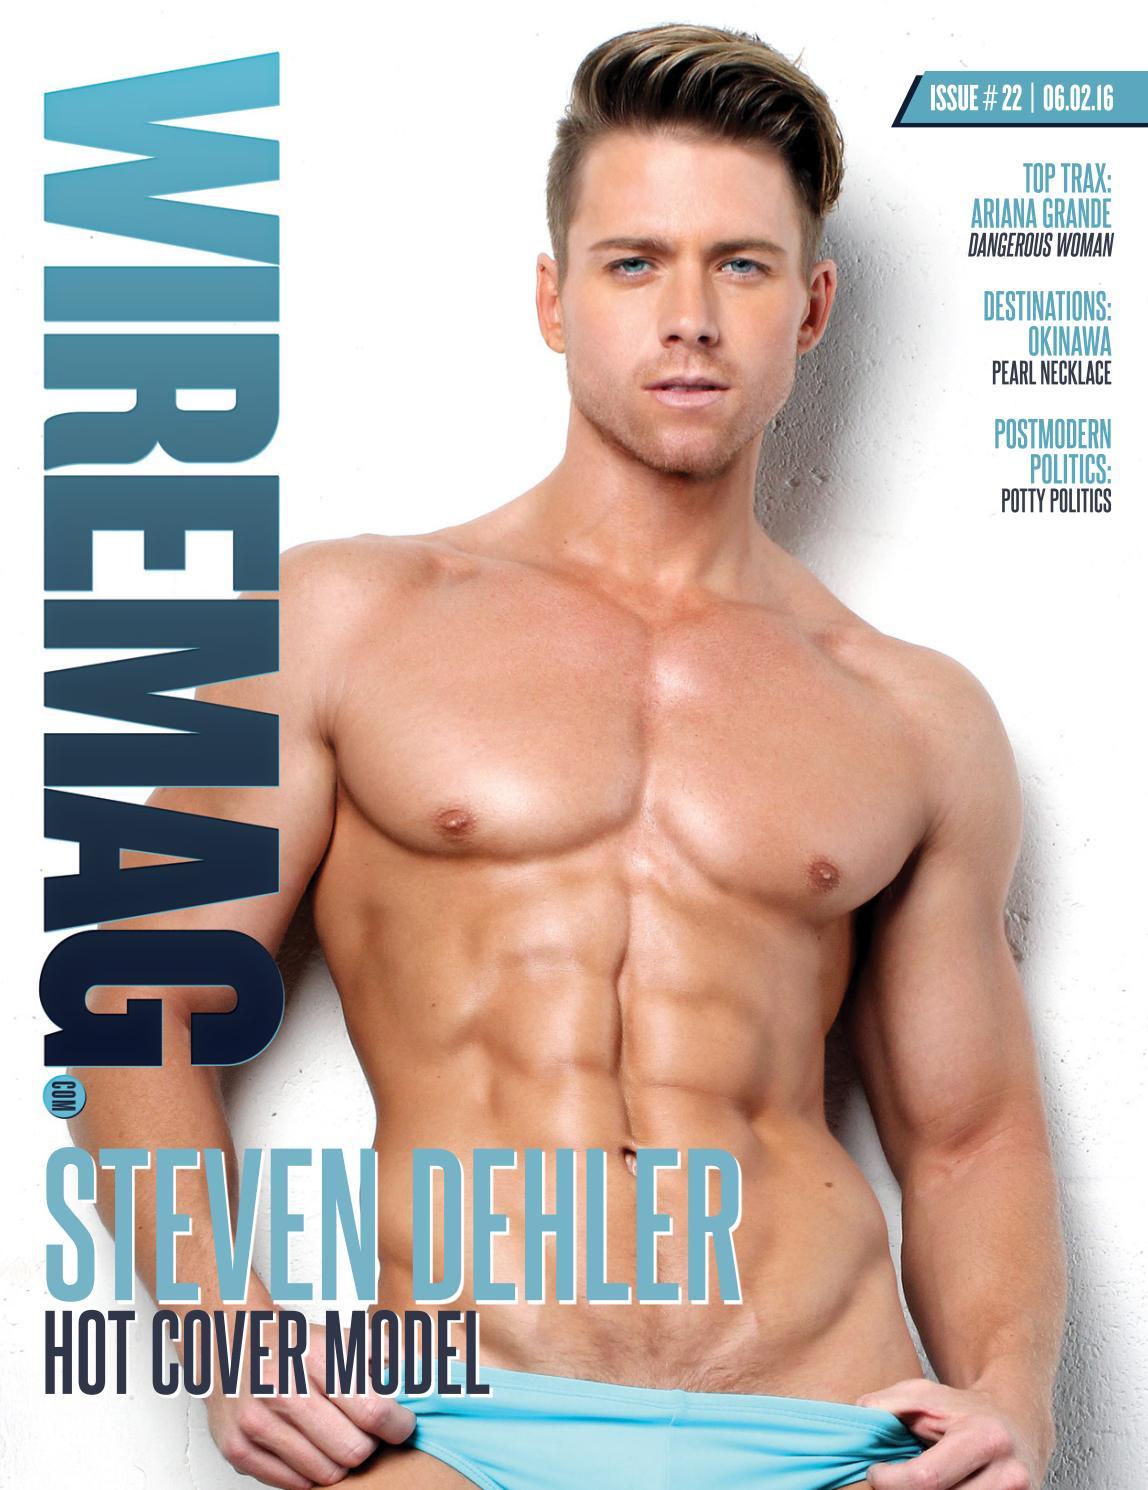 STEVEN SHAME - Model page